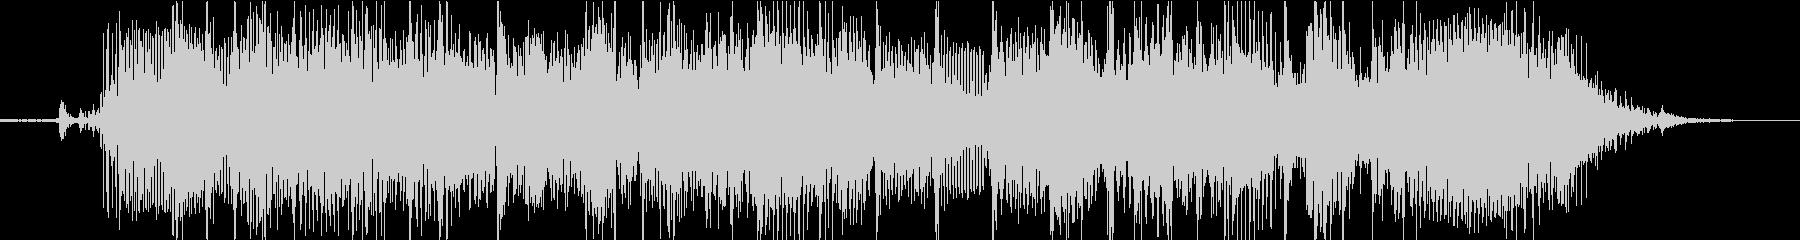 ロックテイストの転換ジングルの未再生の波形